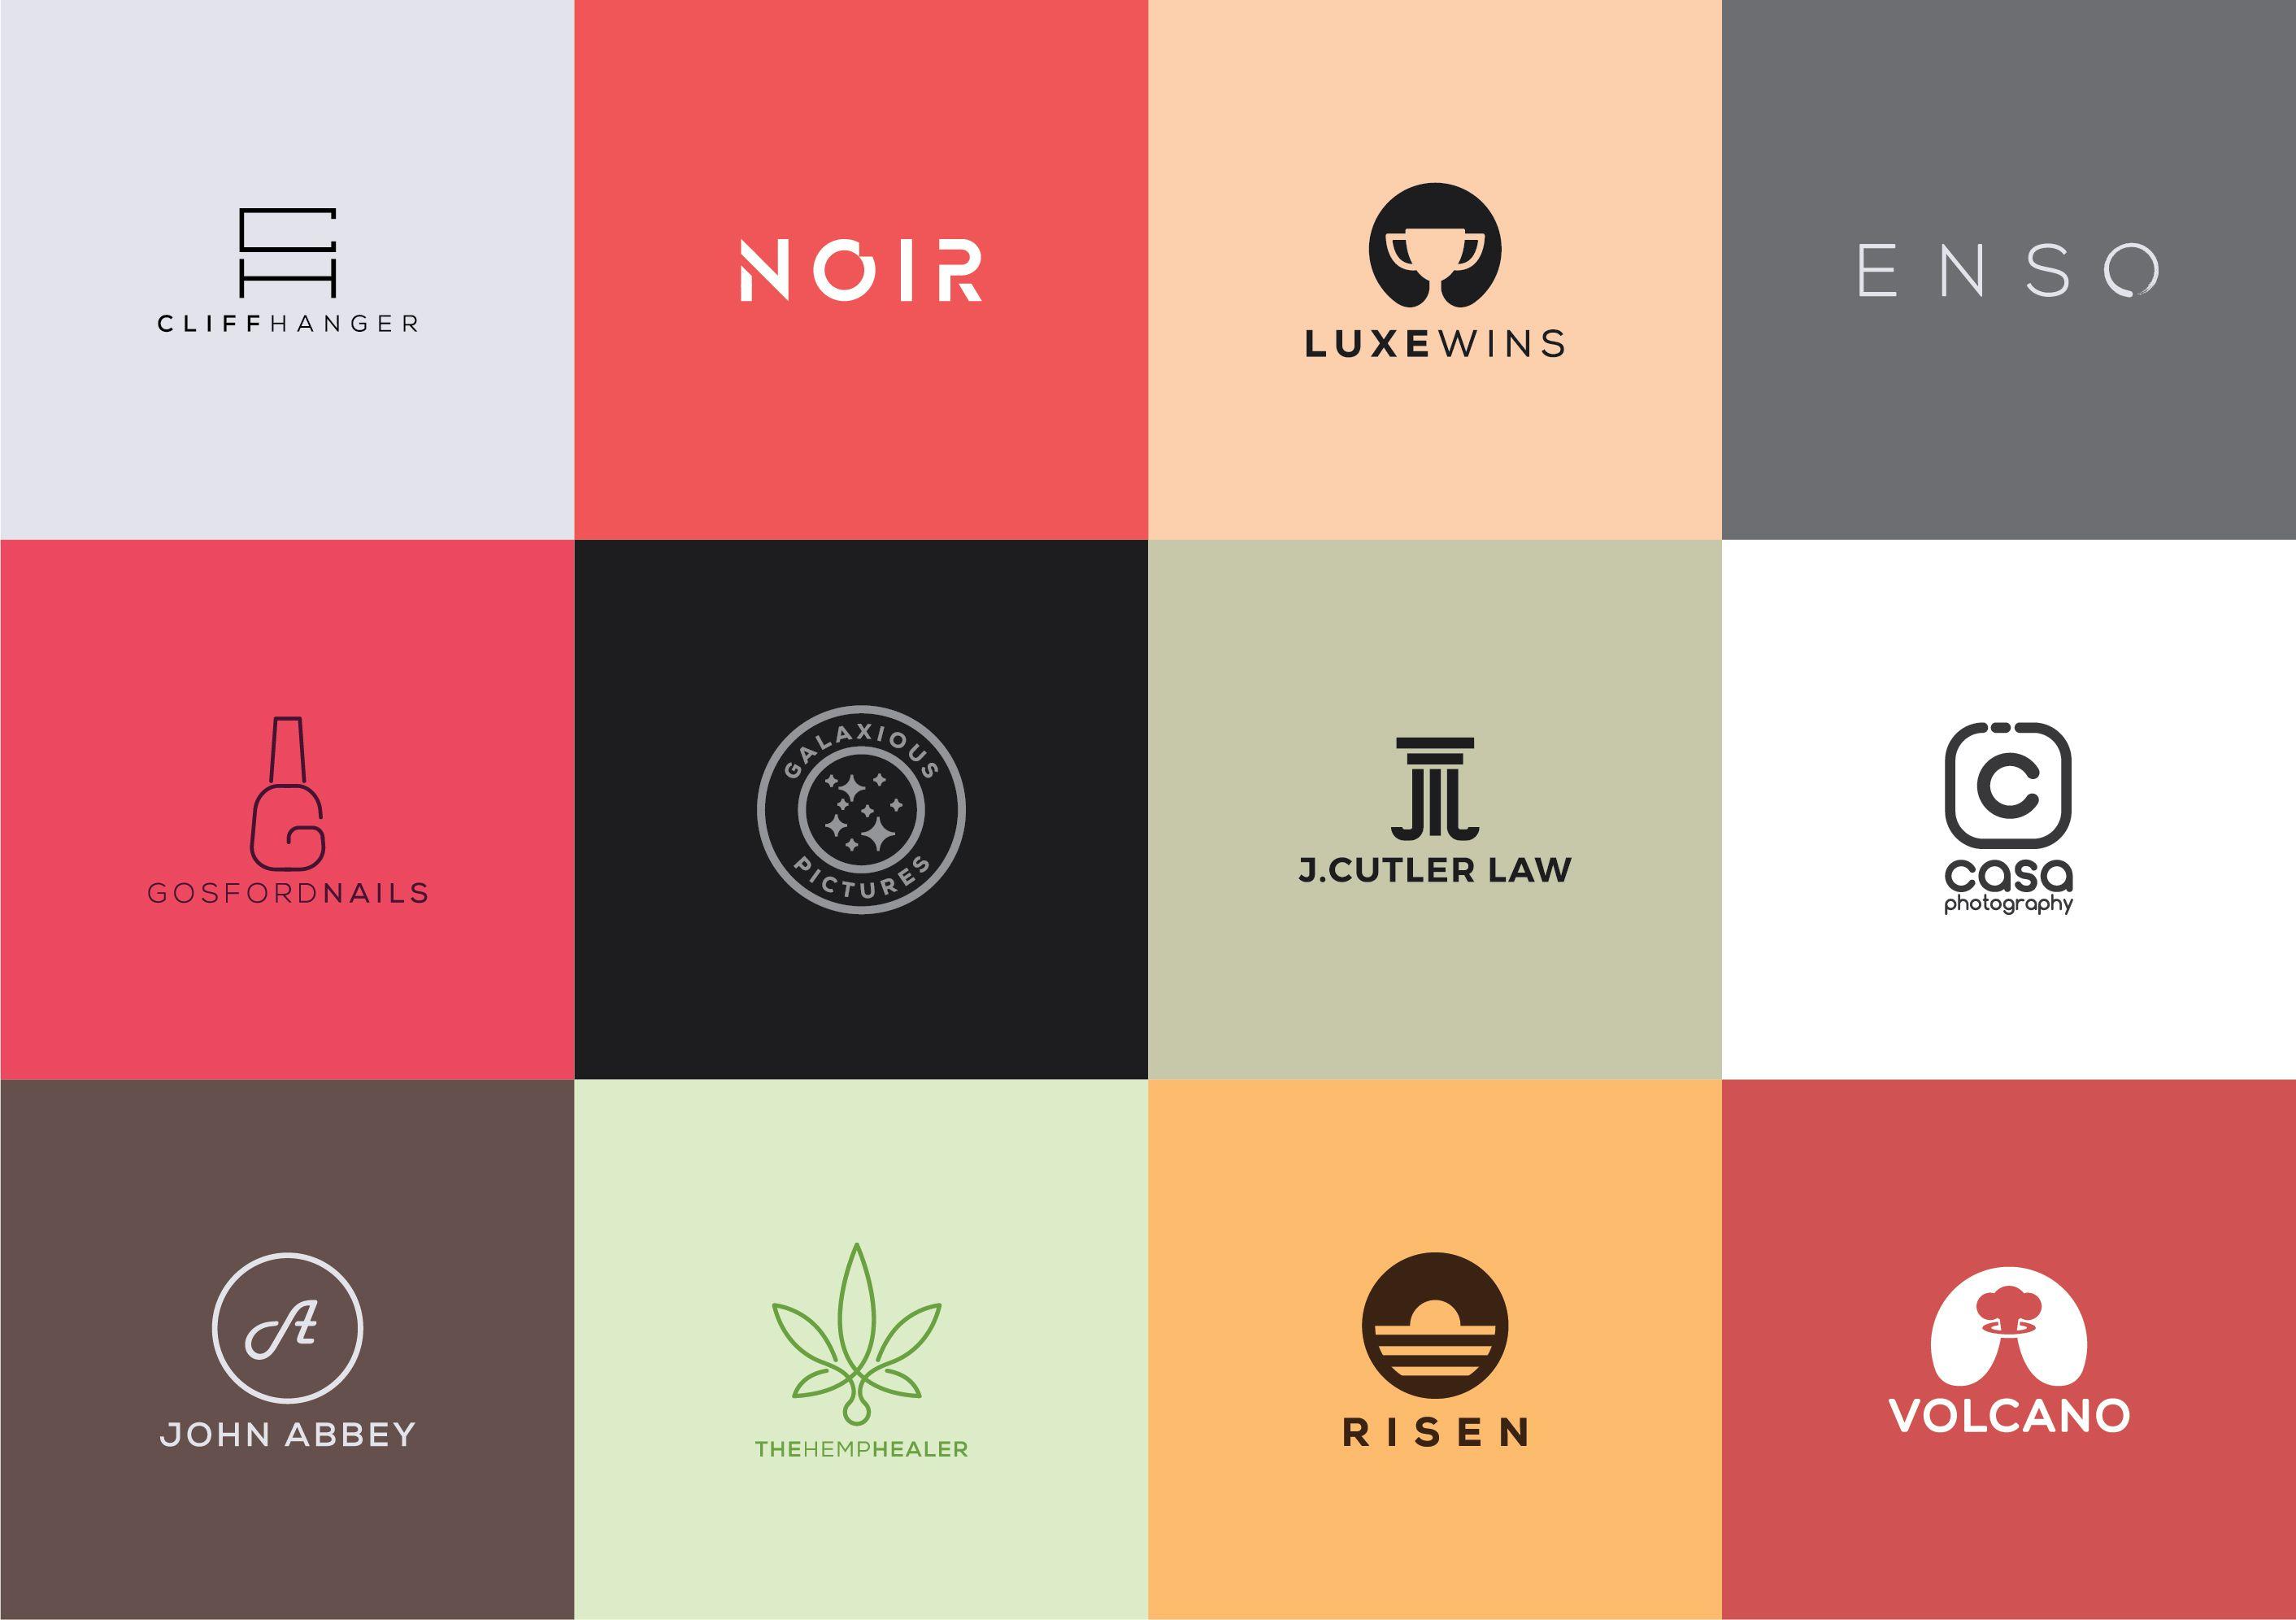 phân loại trong thiết kế truyền thông